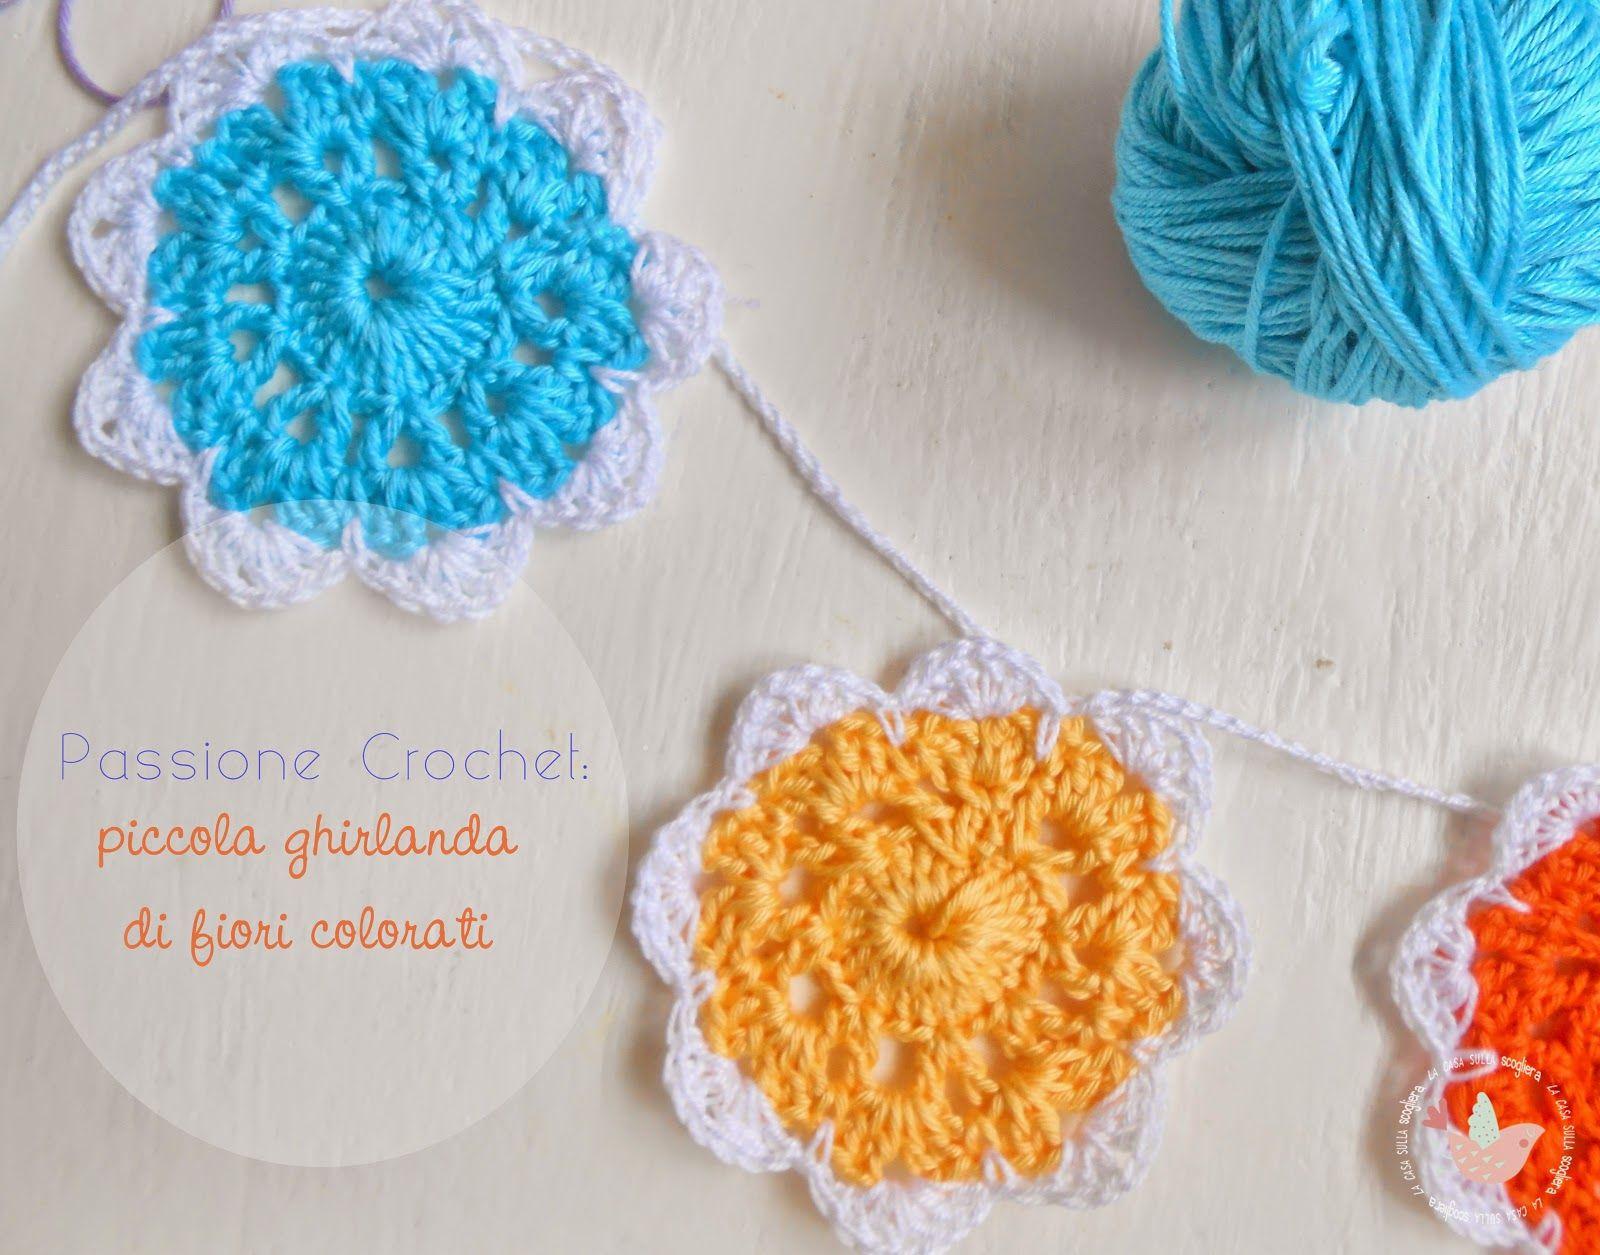 Photo of Passione Crochet: piccola ghirlanda di fiori colorati – Facciamo entrare un po' …